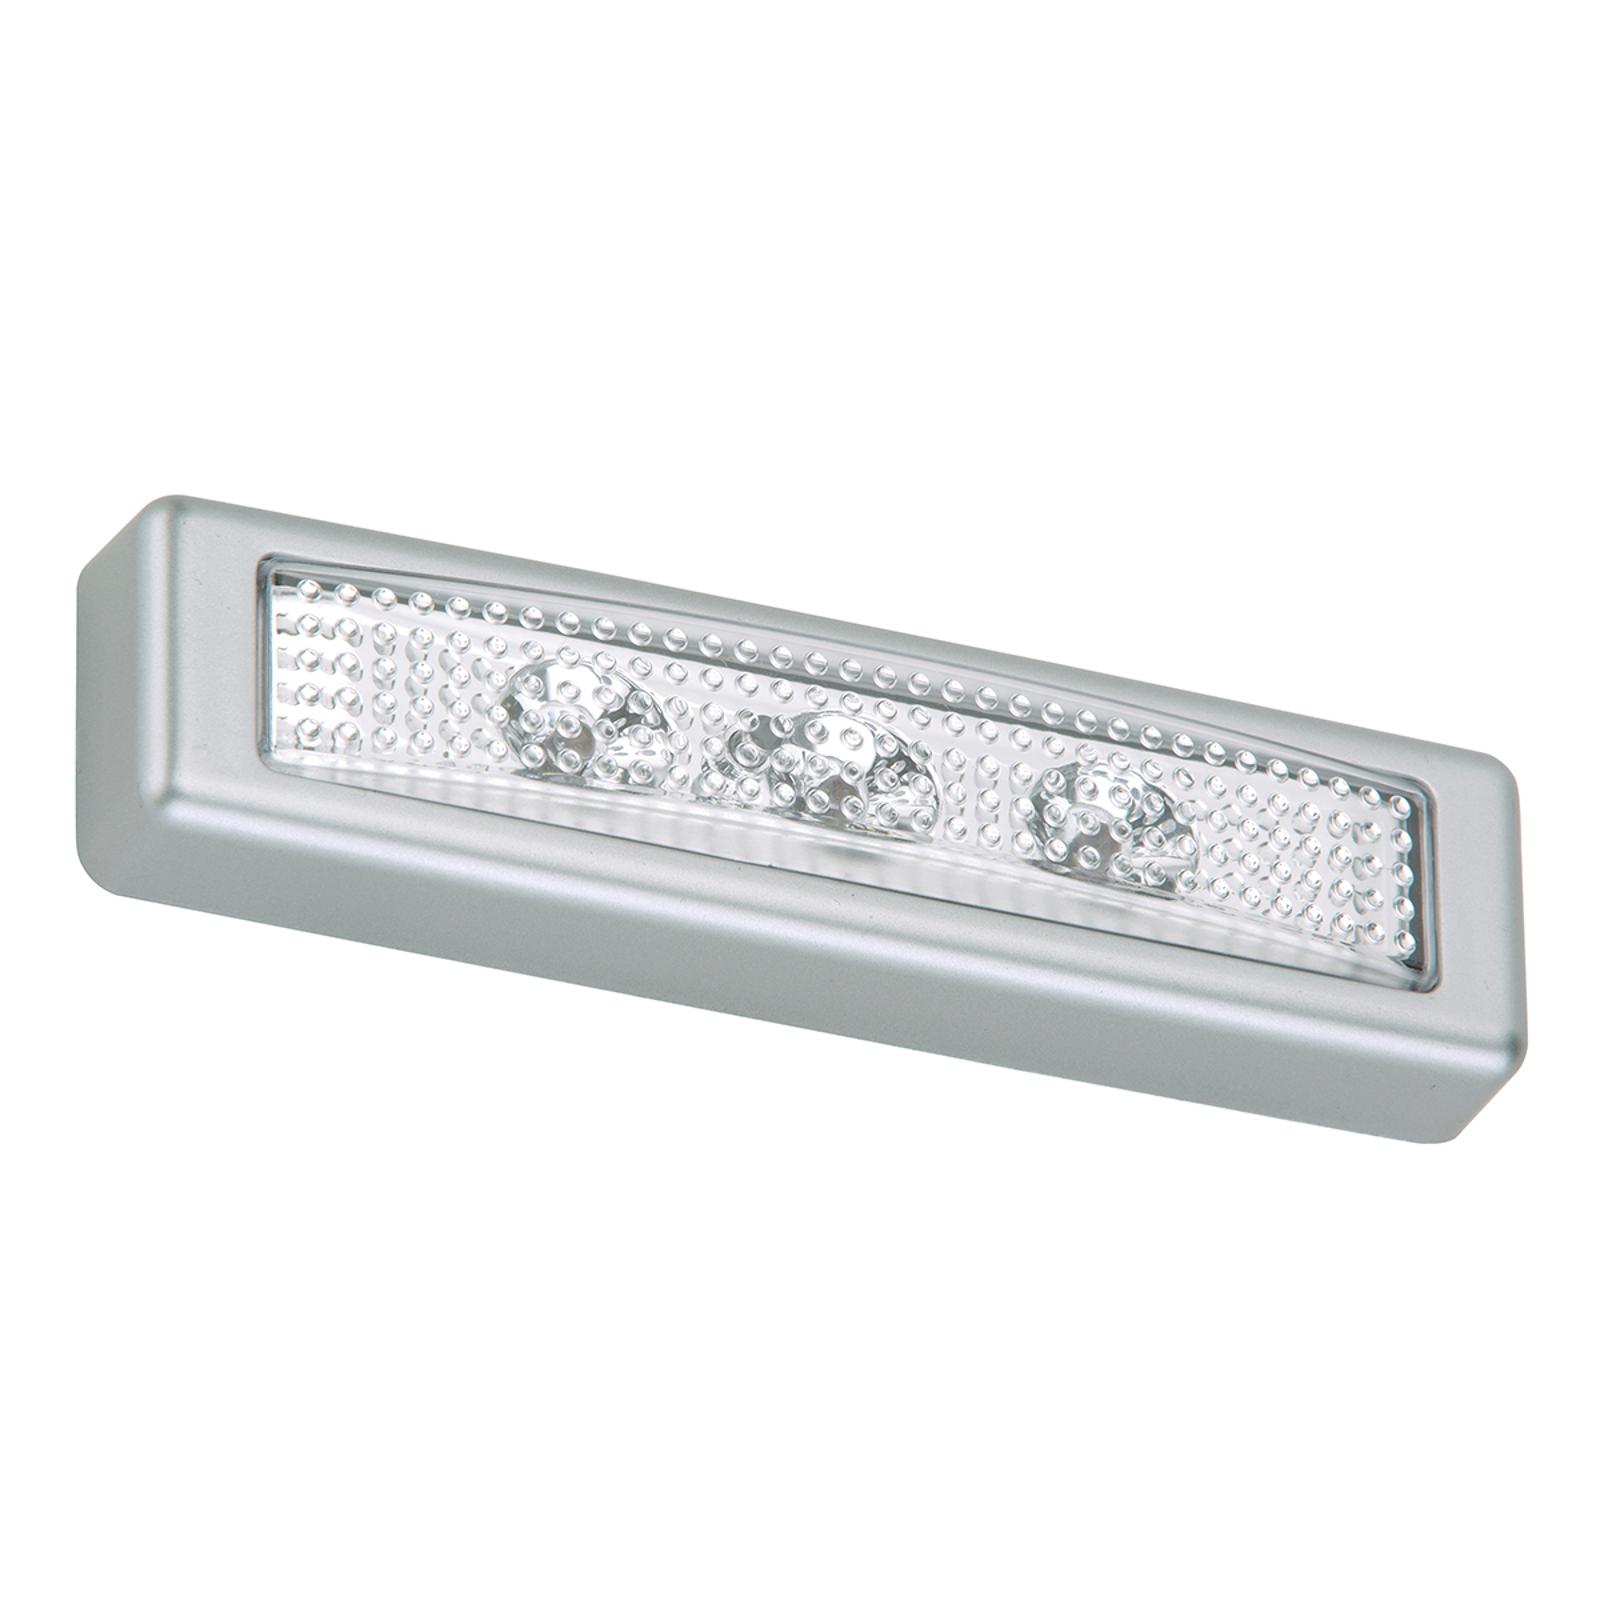 LED-push-lys Lero inkl. batterier og festeflate